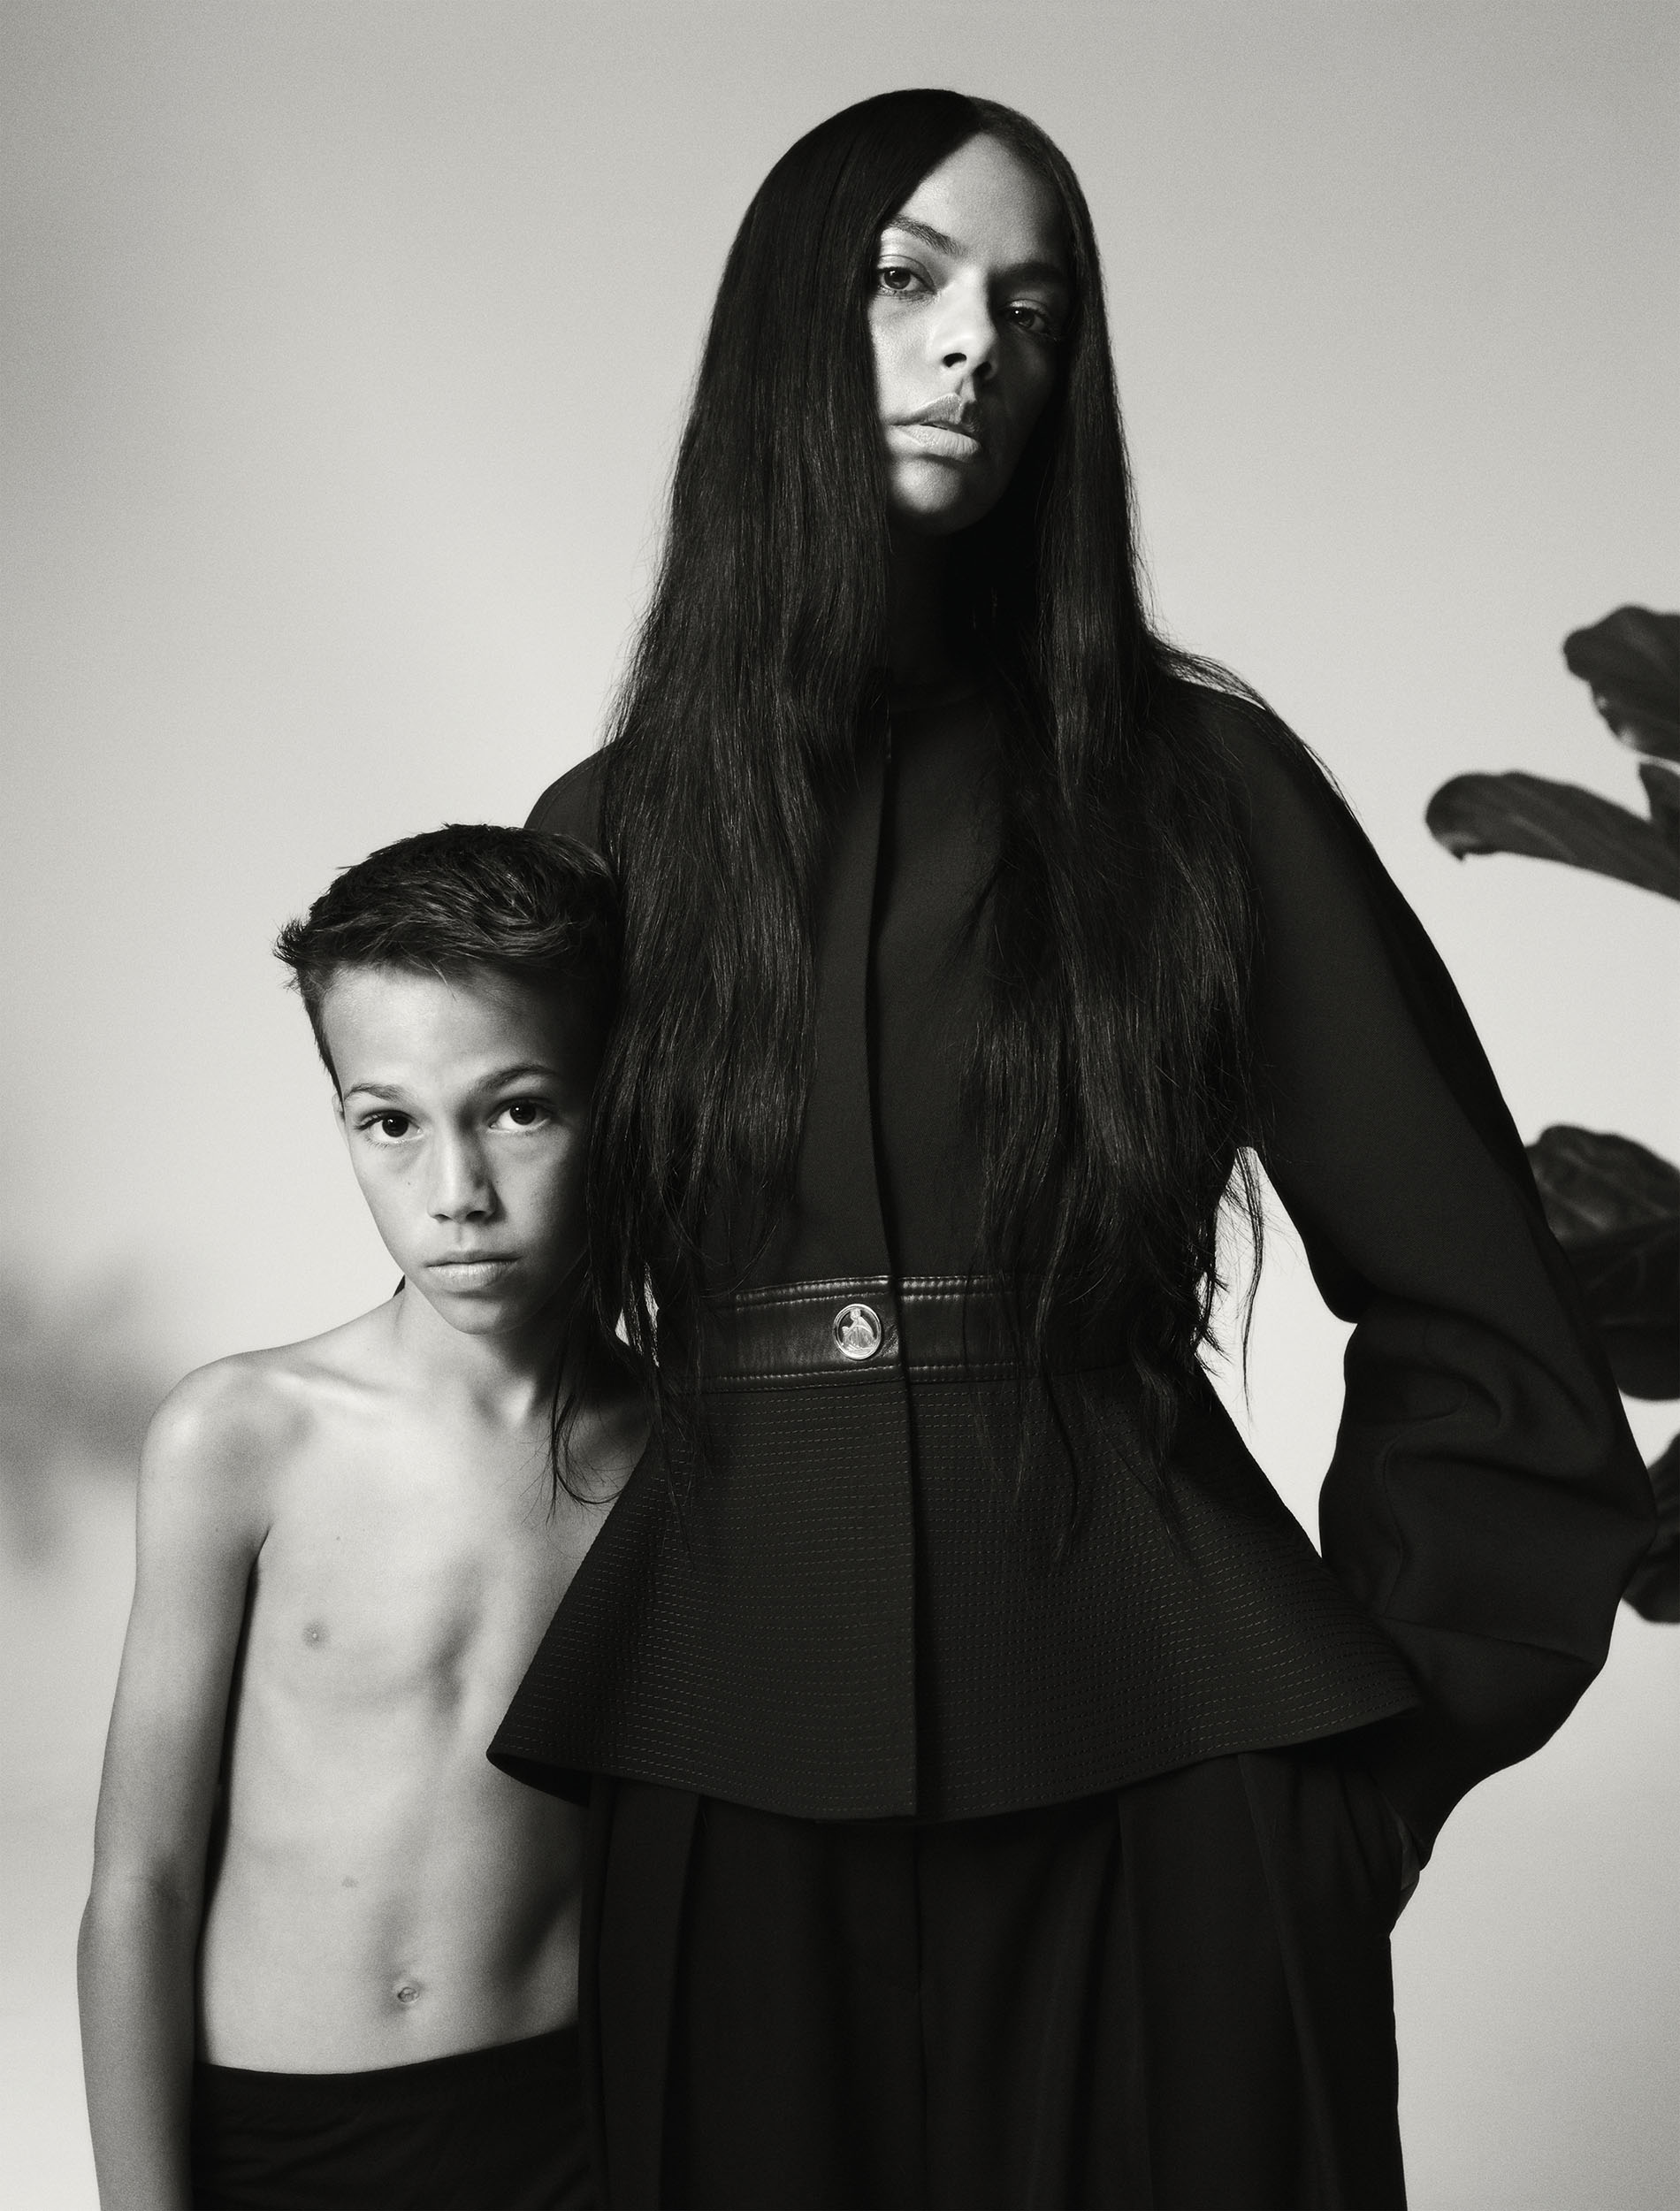 Photographer Sarah Piantadosi captures the inimitable bonds between mother and child